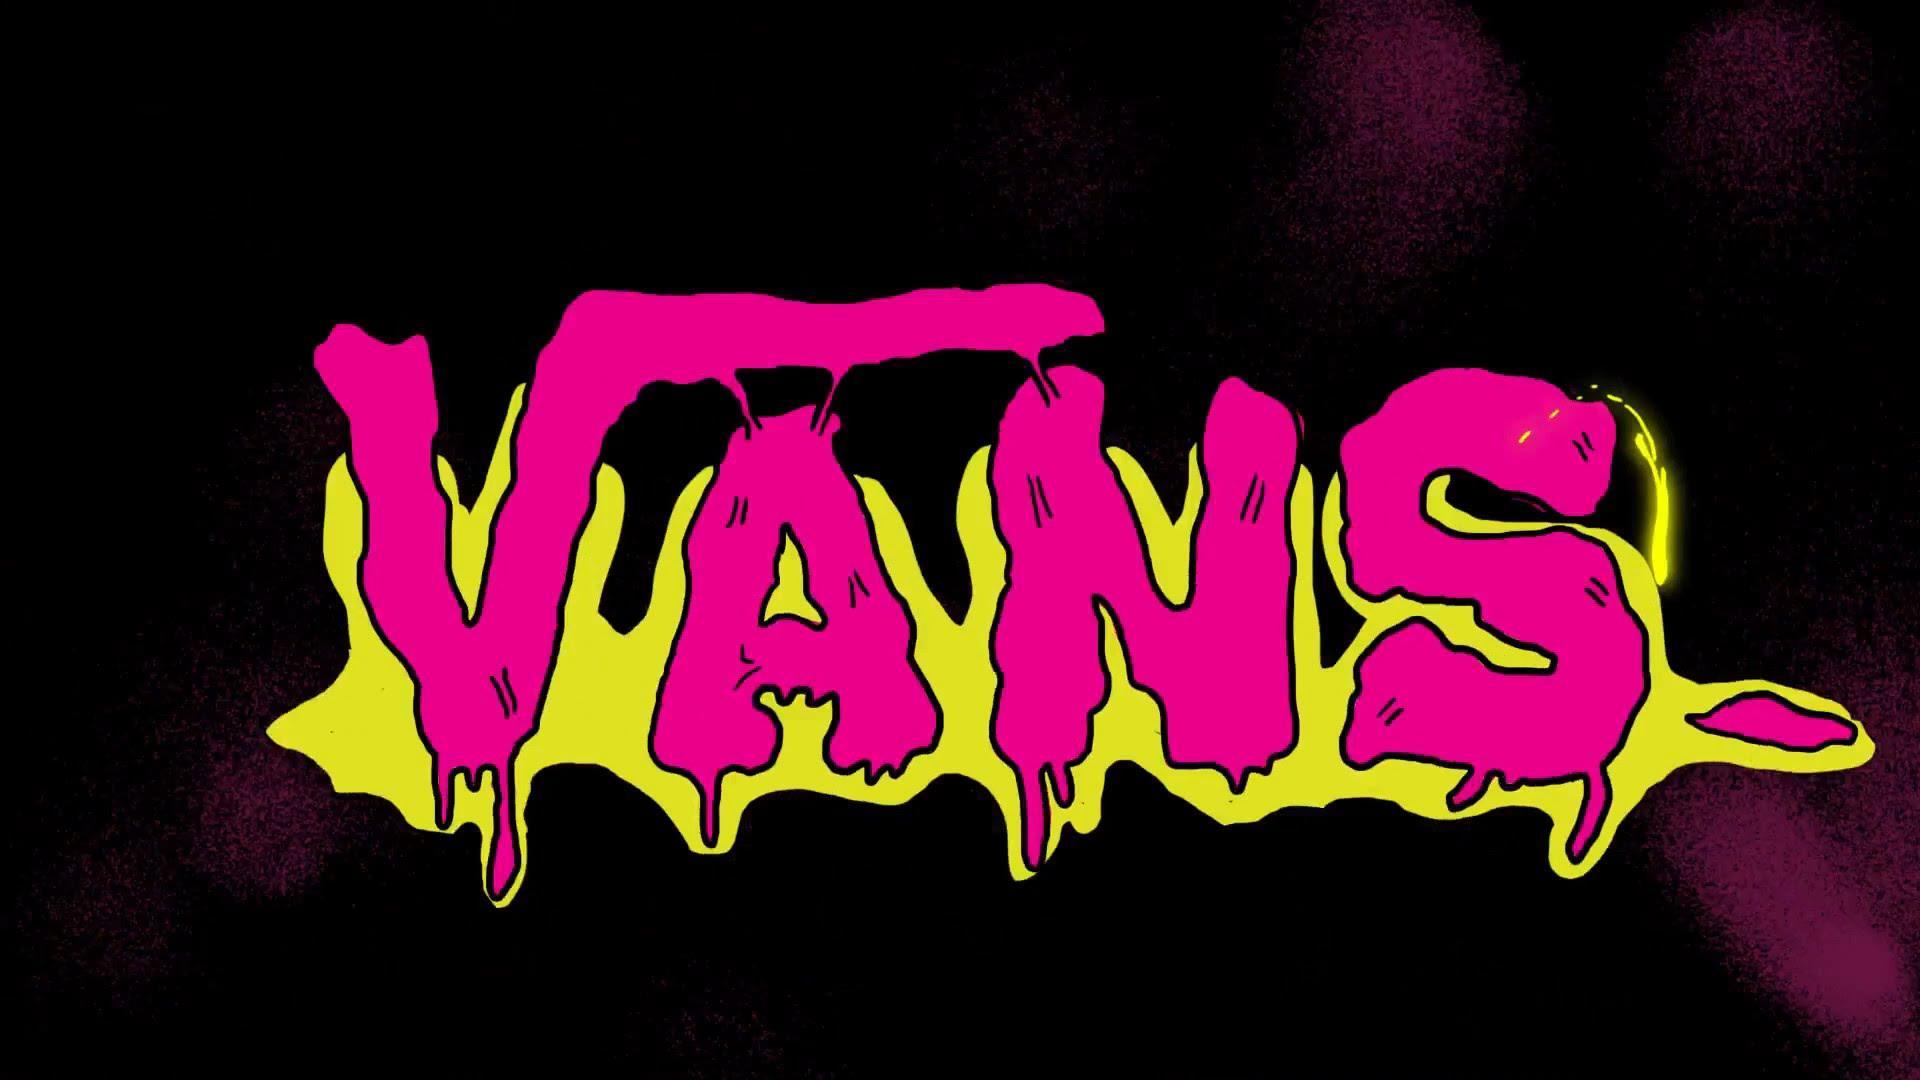 Vans Wallpapers Top Free Vans Backgrounds Wallpaperaccess